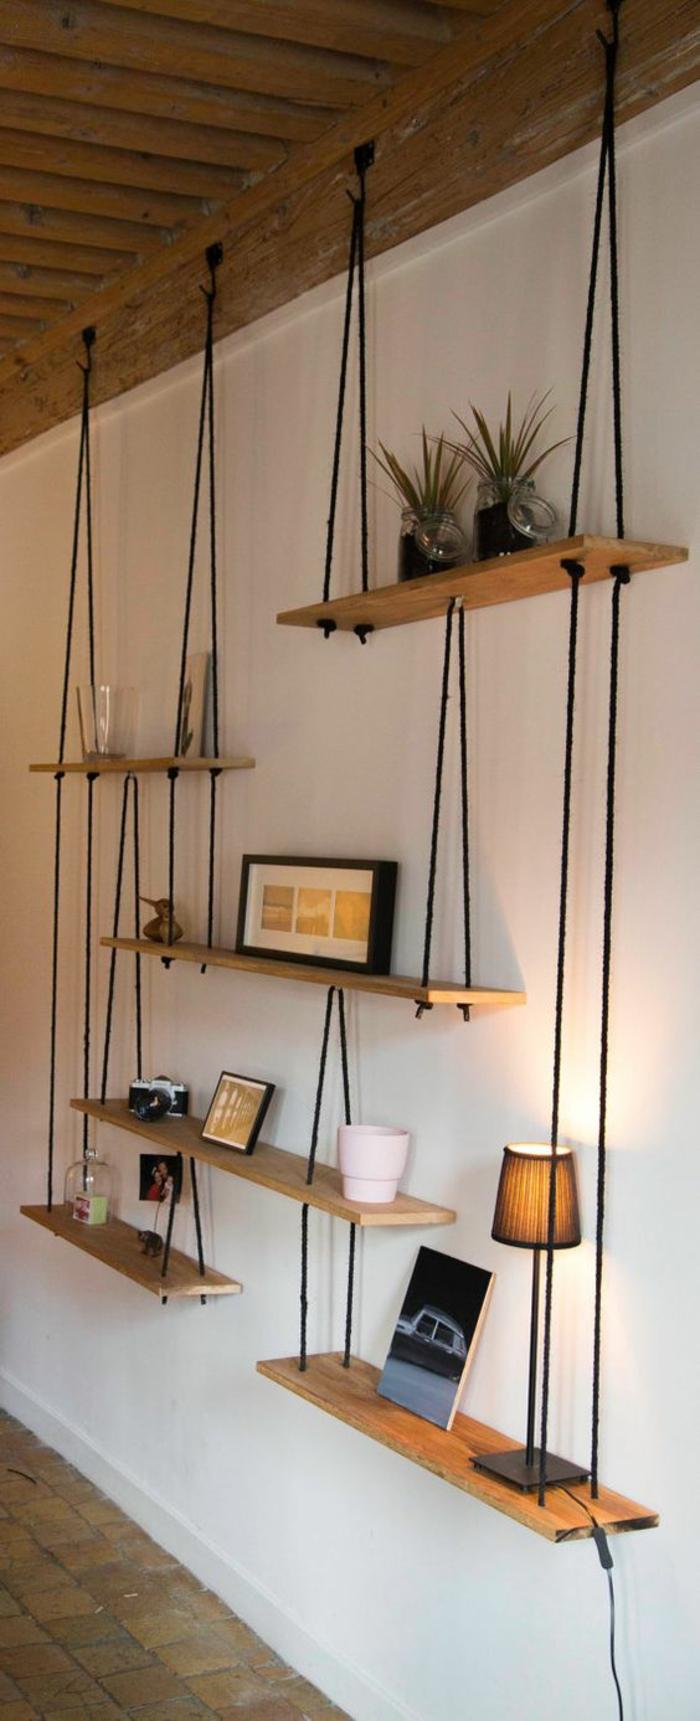 estante flotante de madera, lamparas, flores, marcos de fotos